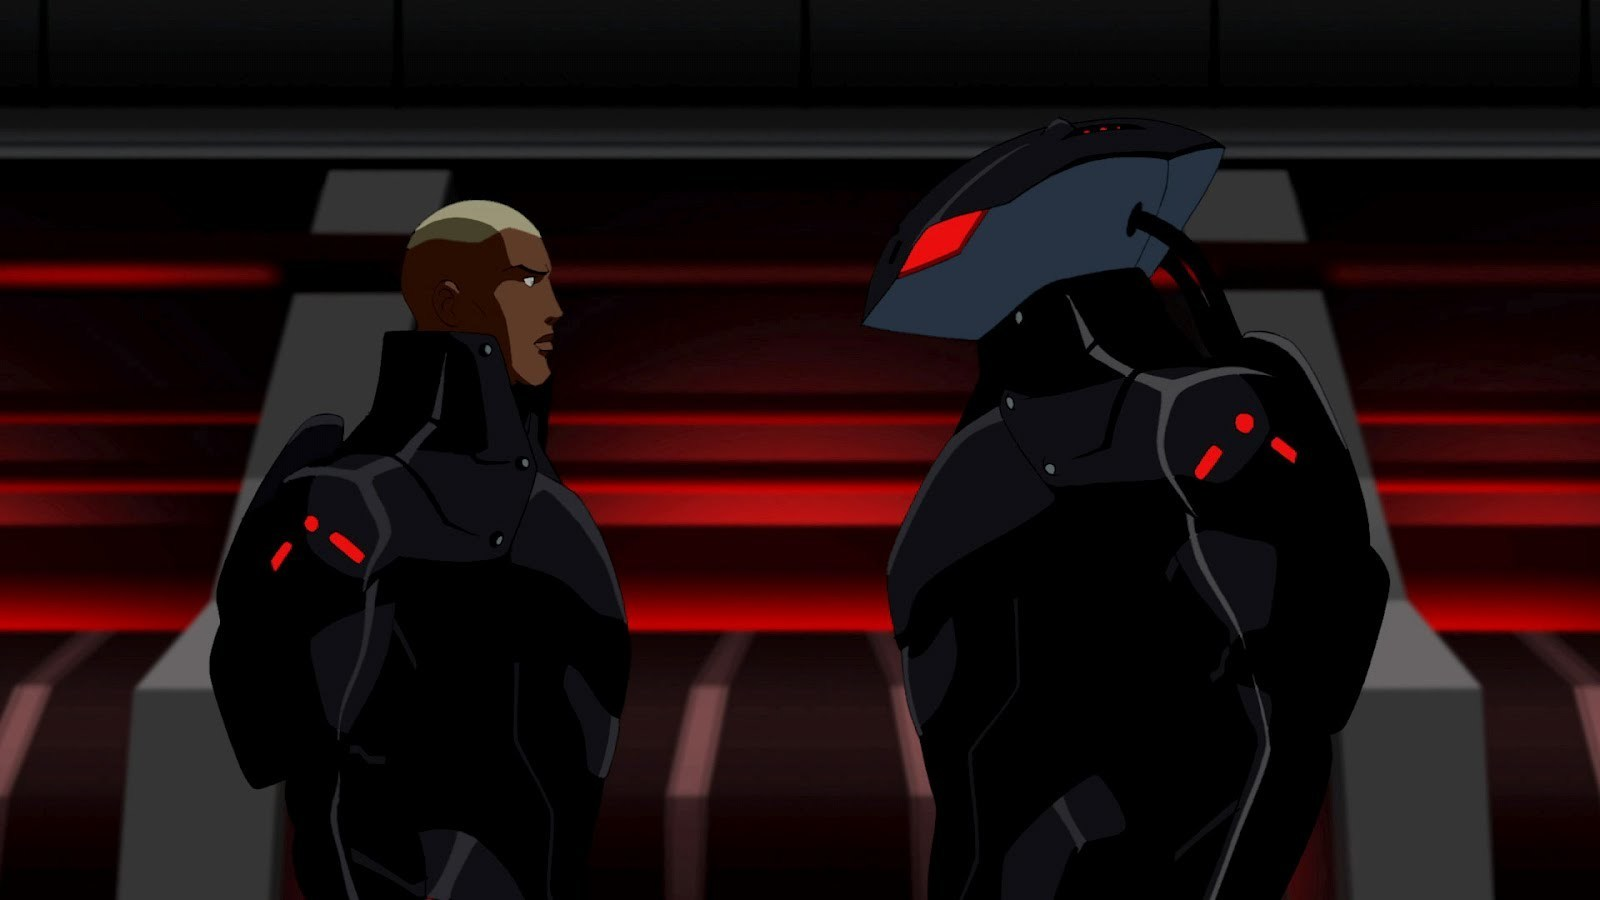 Aqualad confronts his biological father, Black Manta.